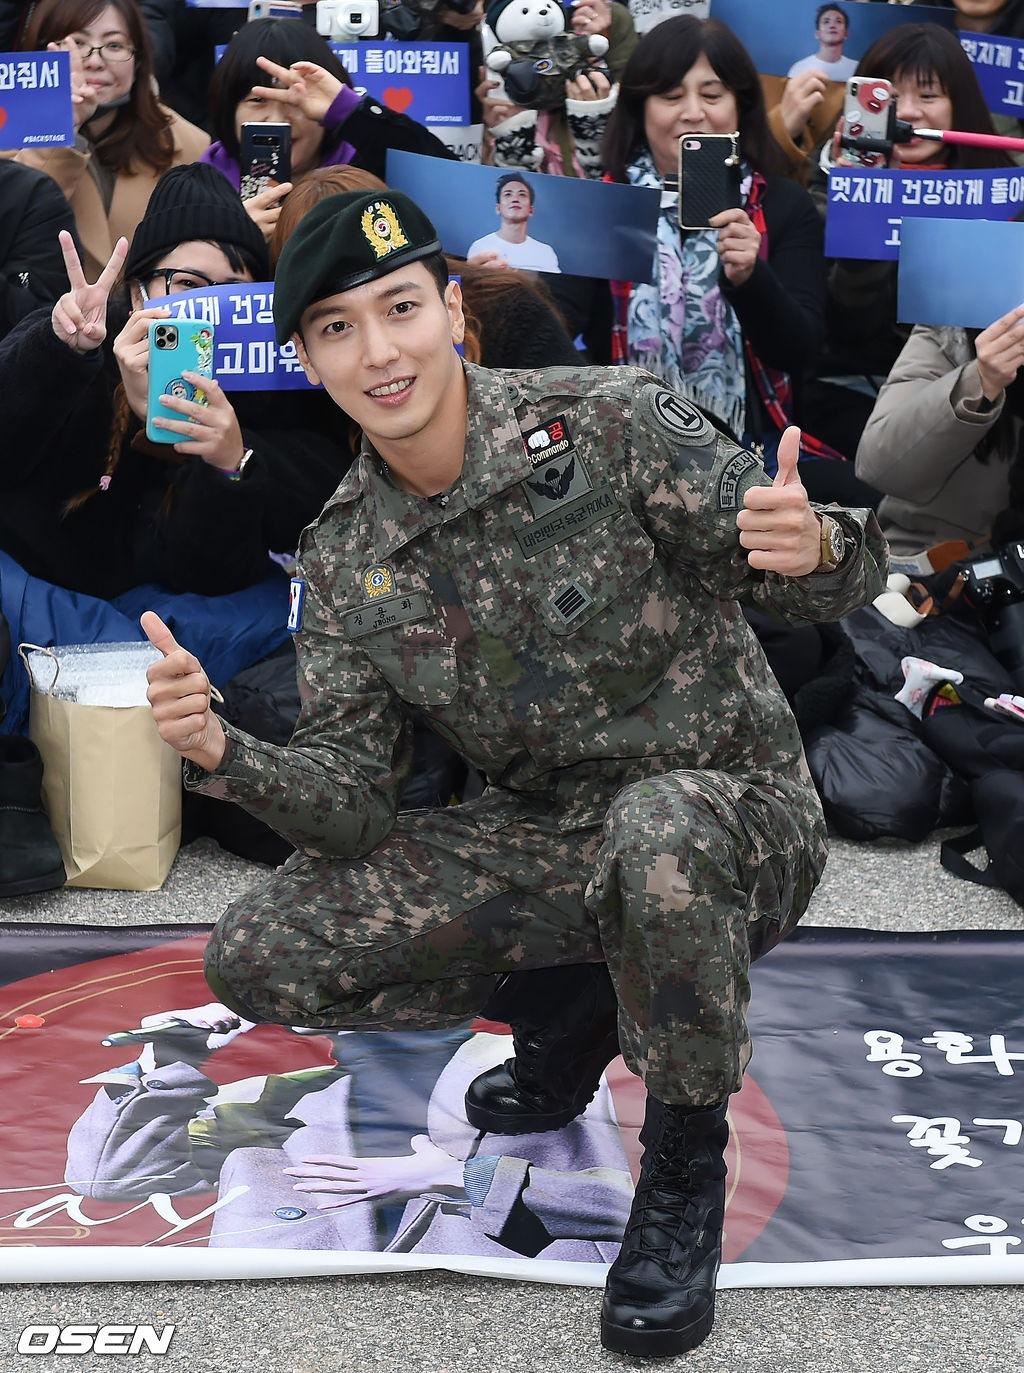 千名粉丝迎接他!郑容和正式退伍宣布下月开始巡演,自爆在军中认识了更多女团插图6